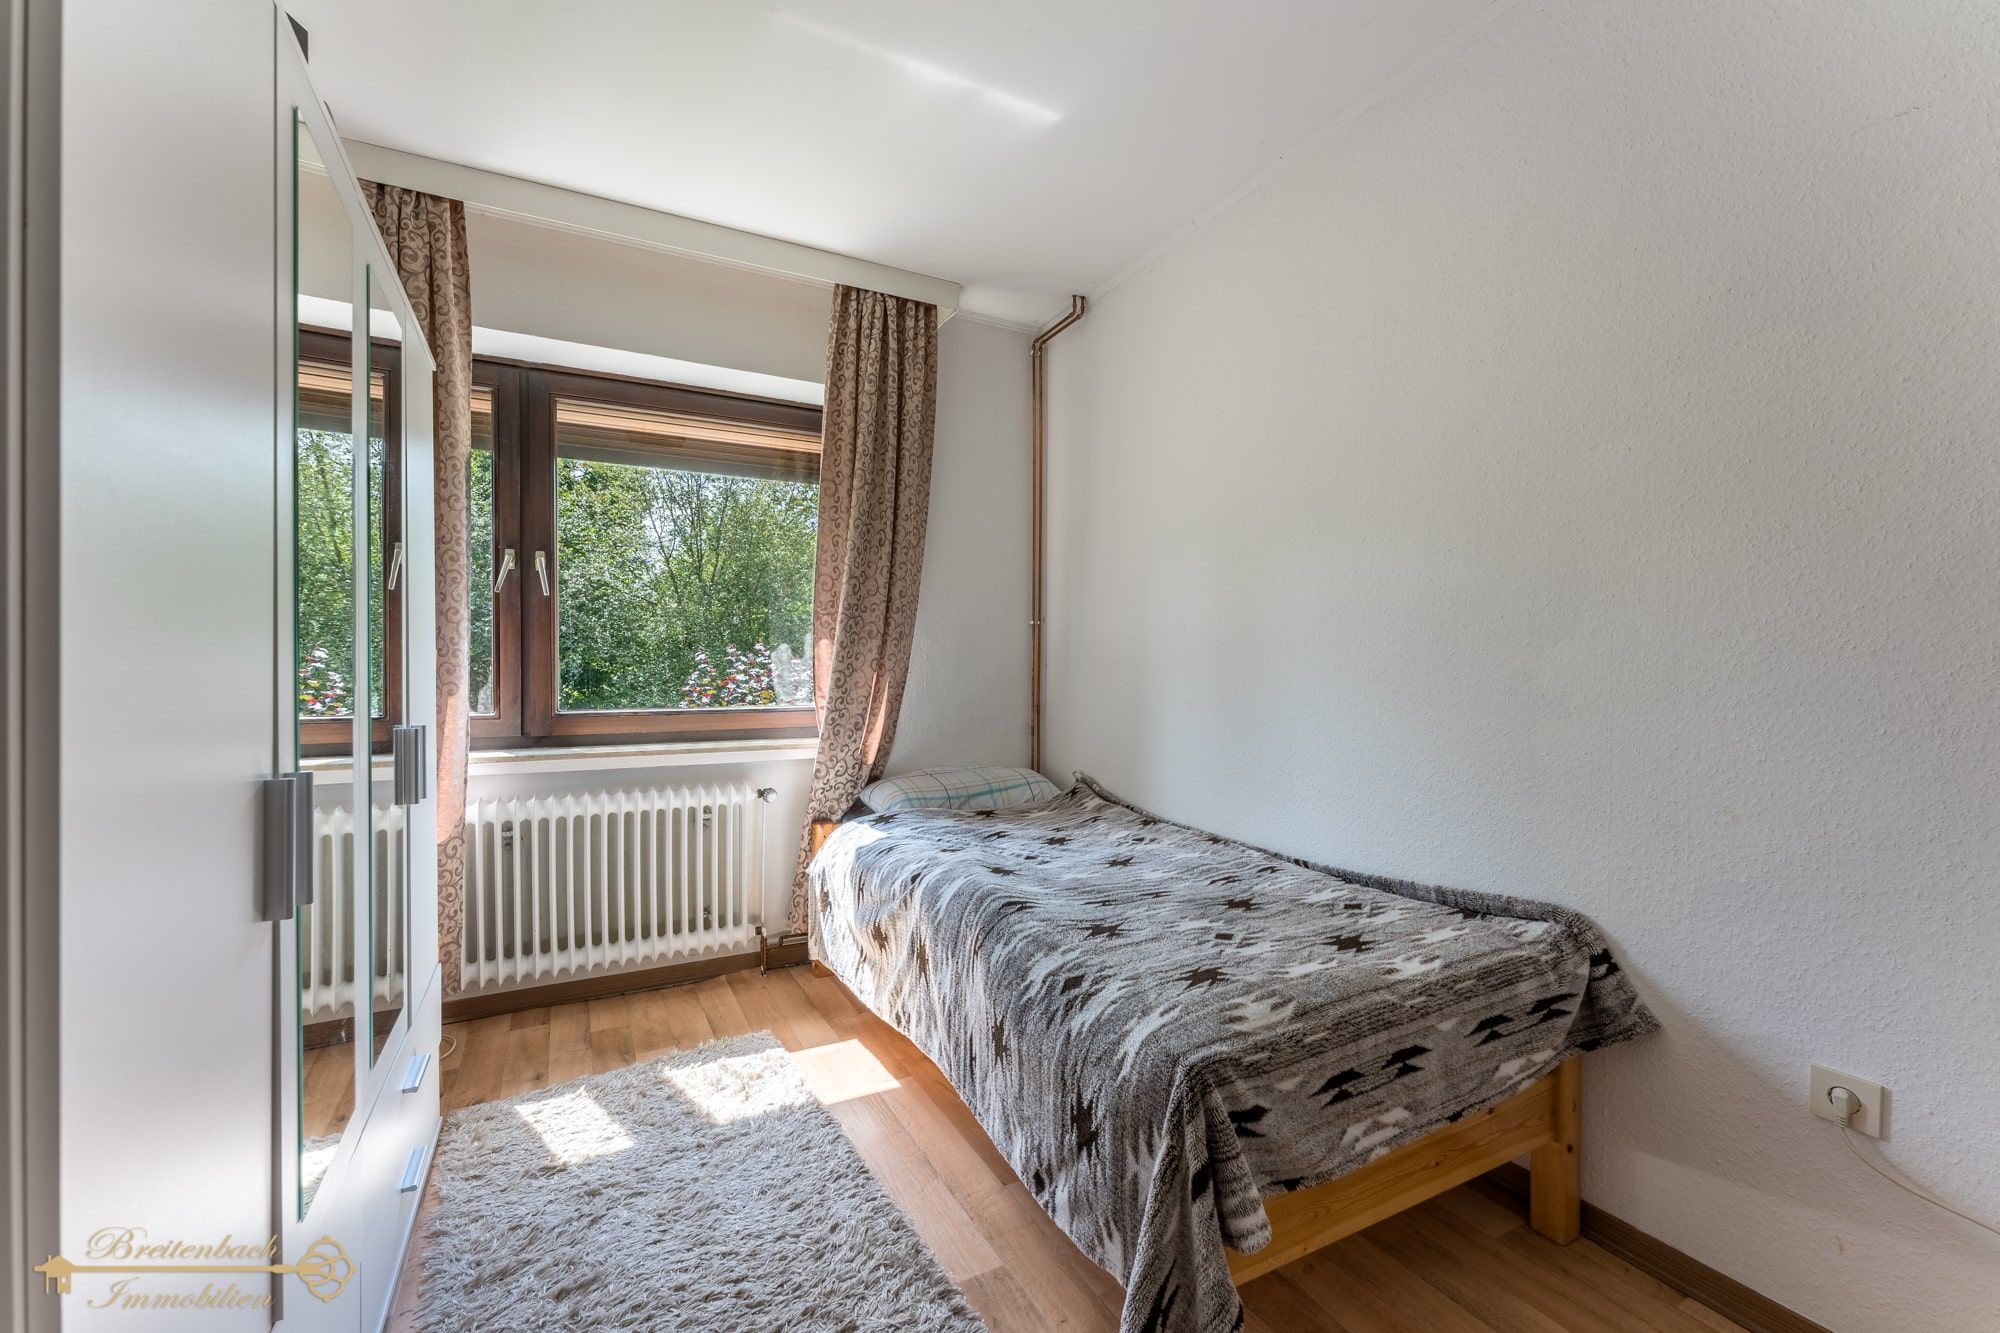 2021-08-03-Breitenbach-Immobilien-Makler-Bremen-17-min